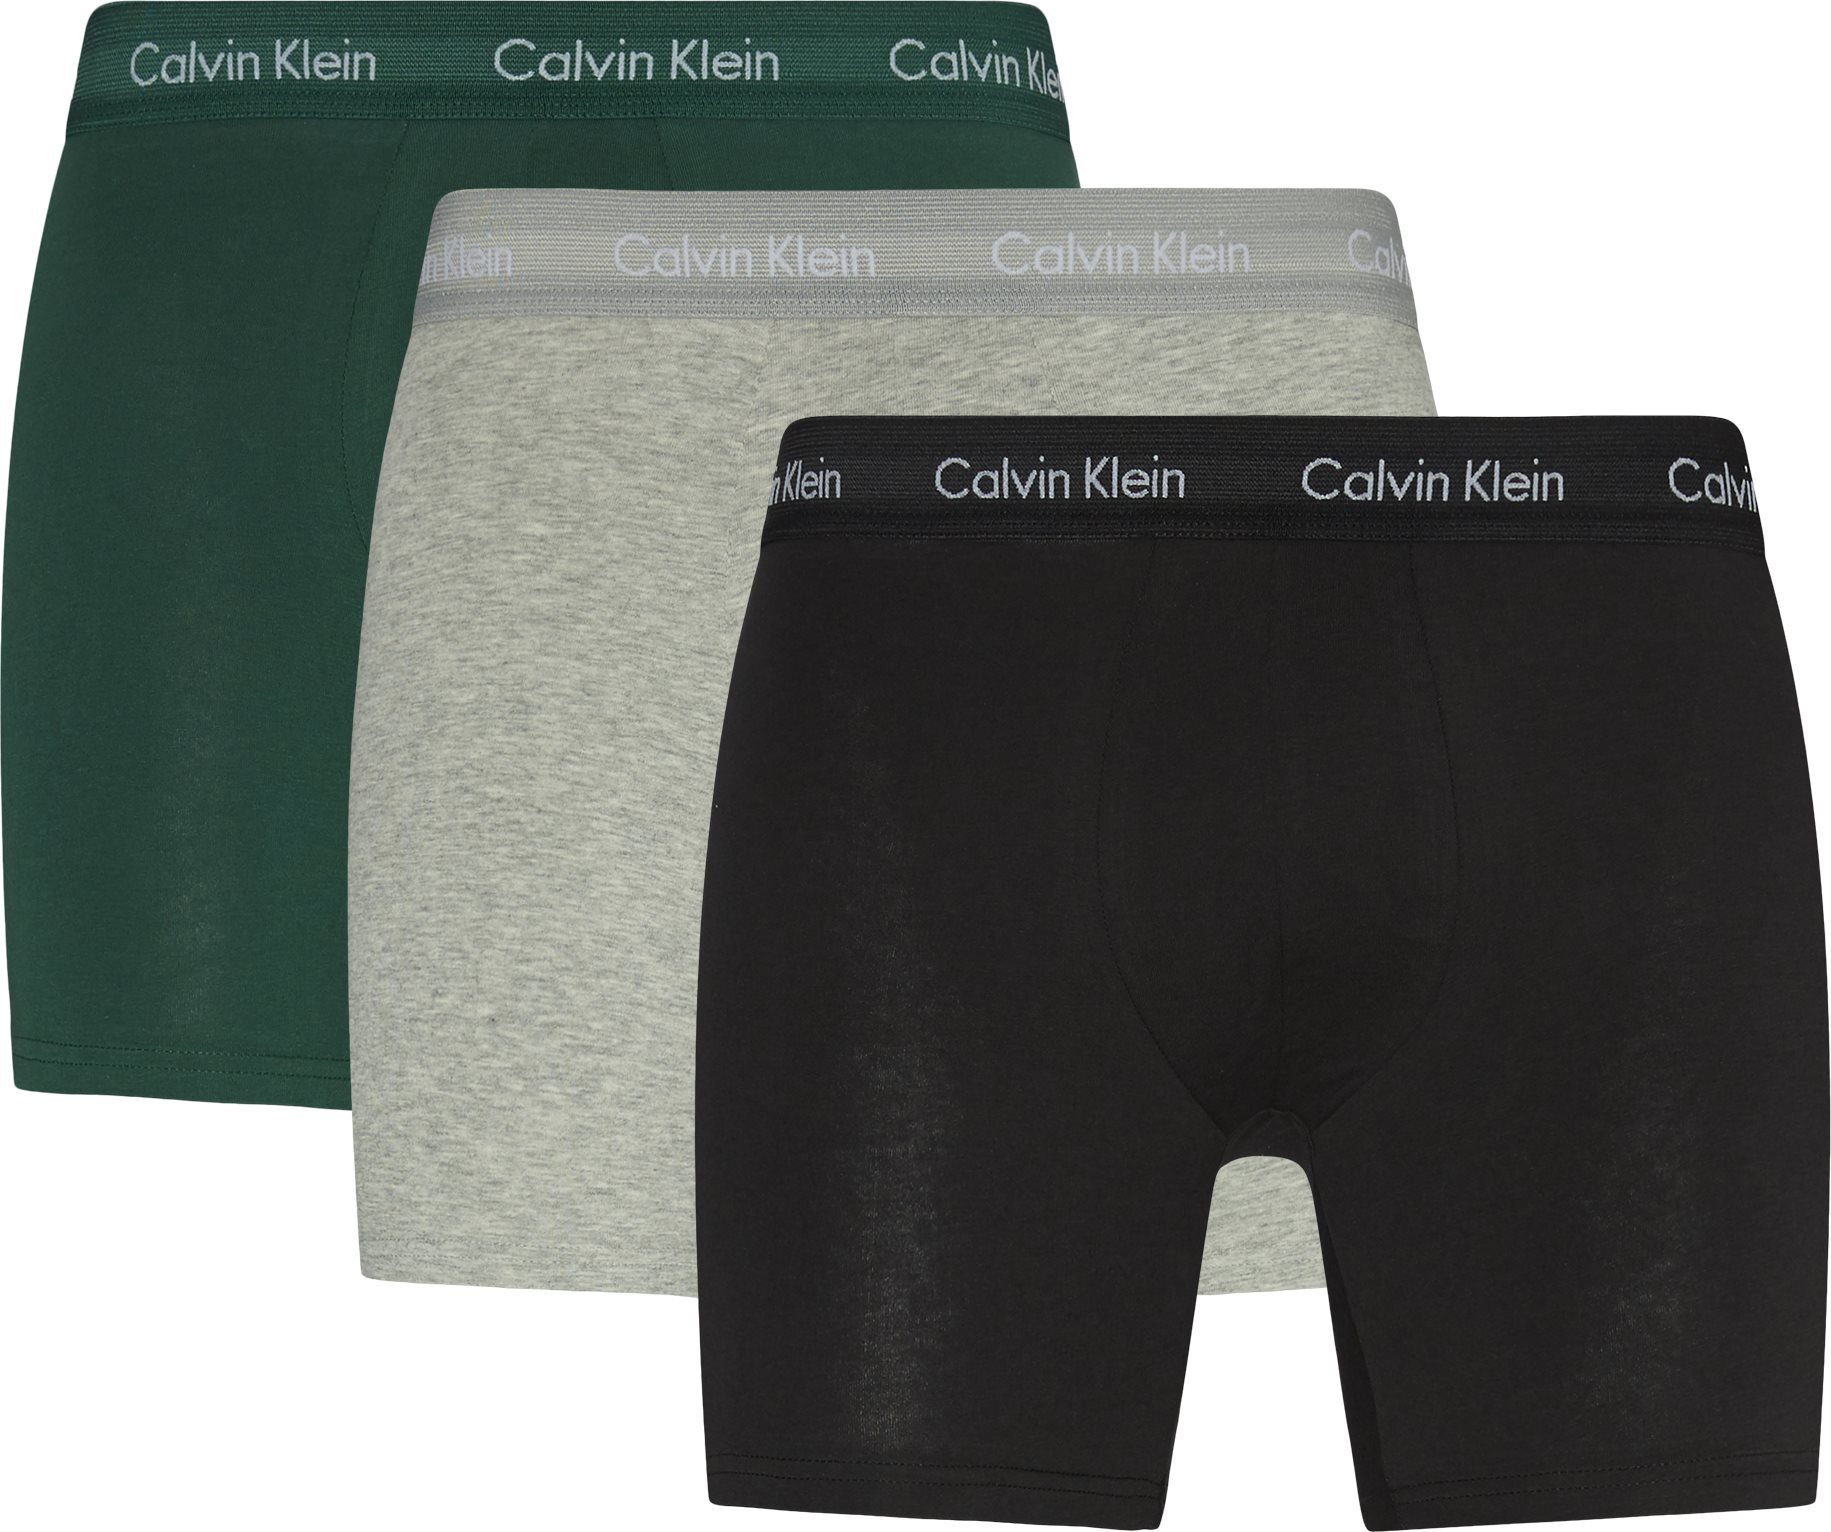 Underkläder - Regular fit - Multi